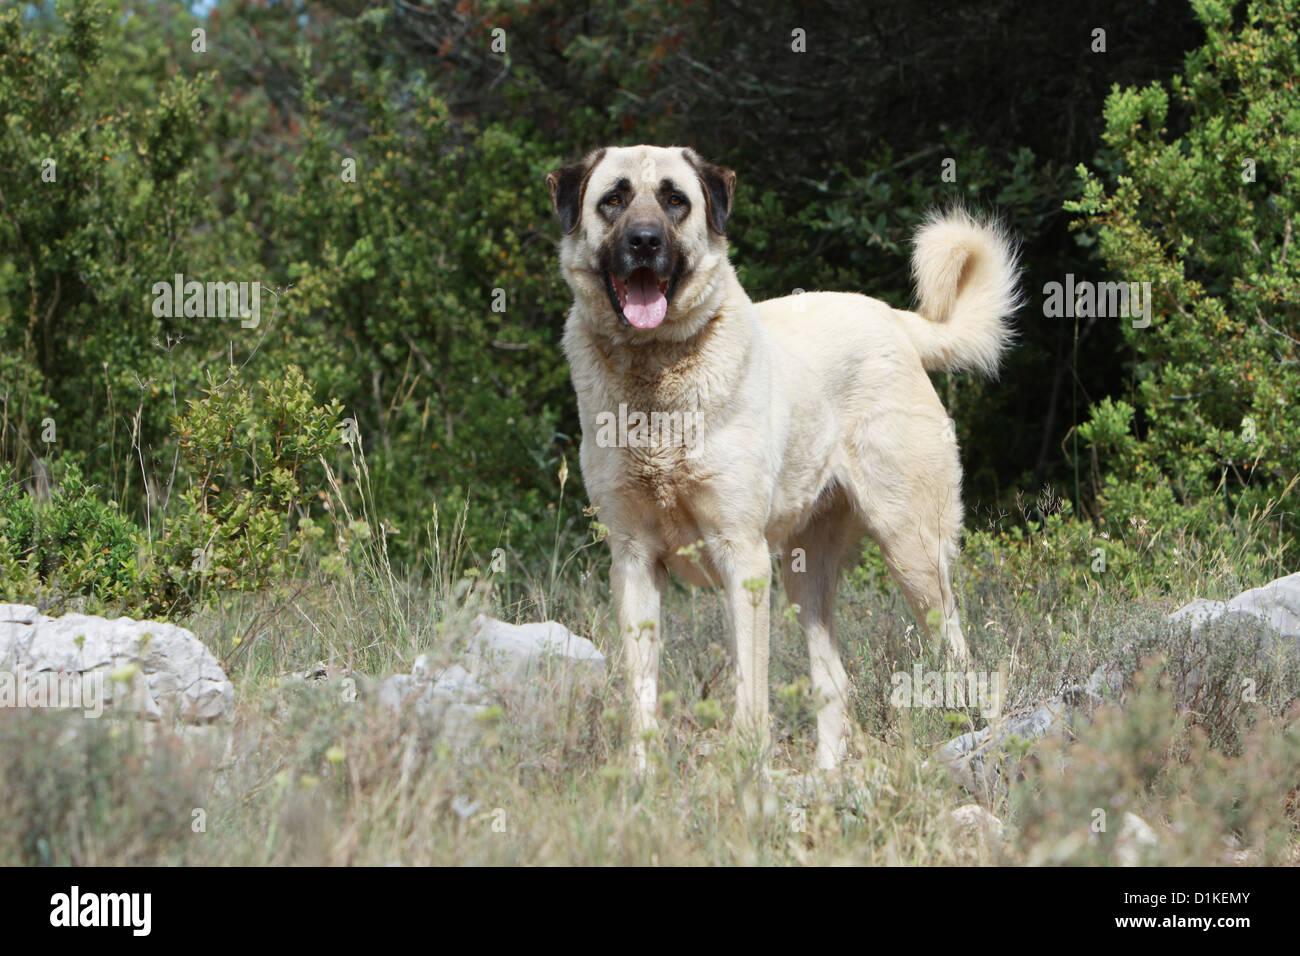 Dog Breed Definition